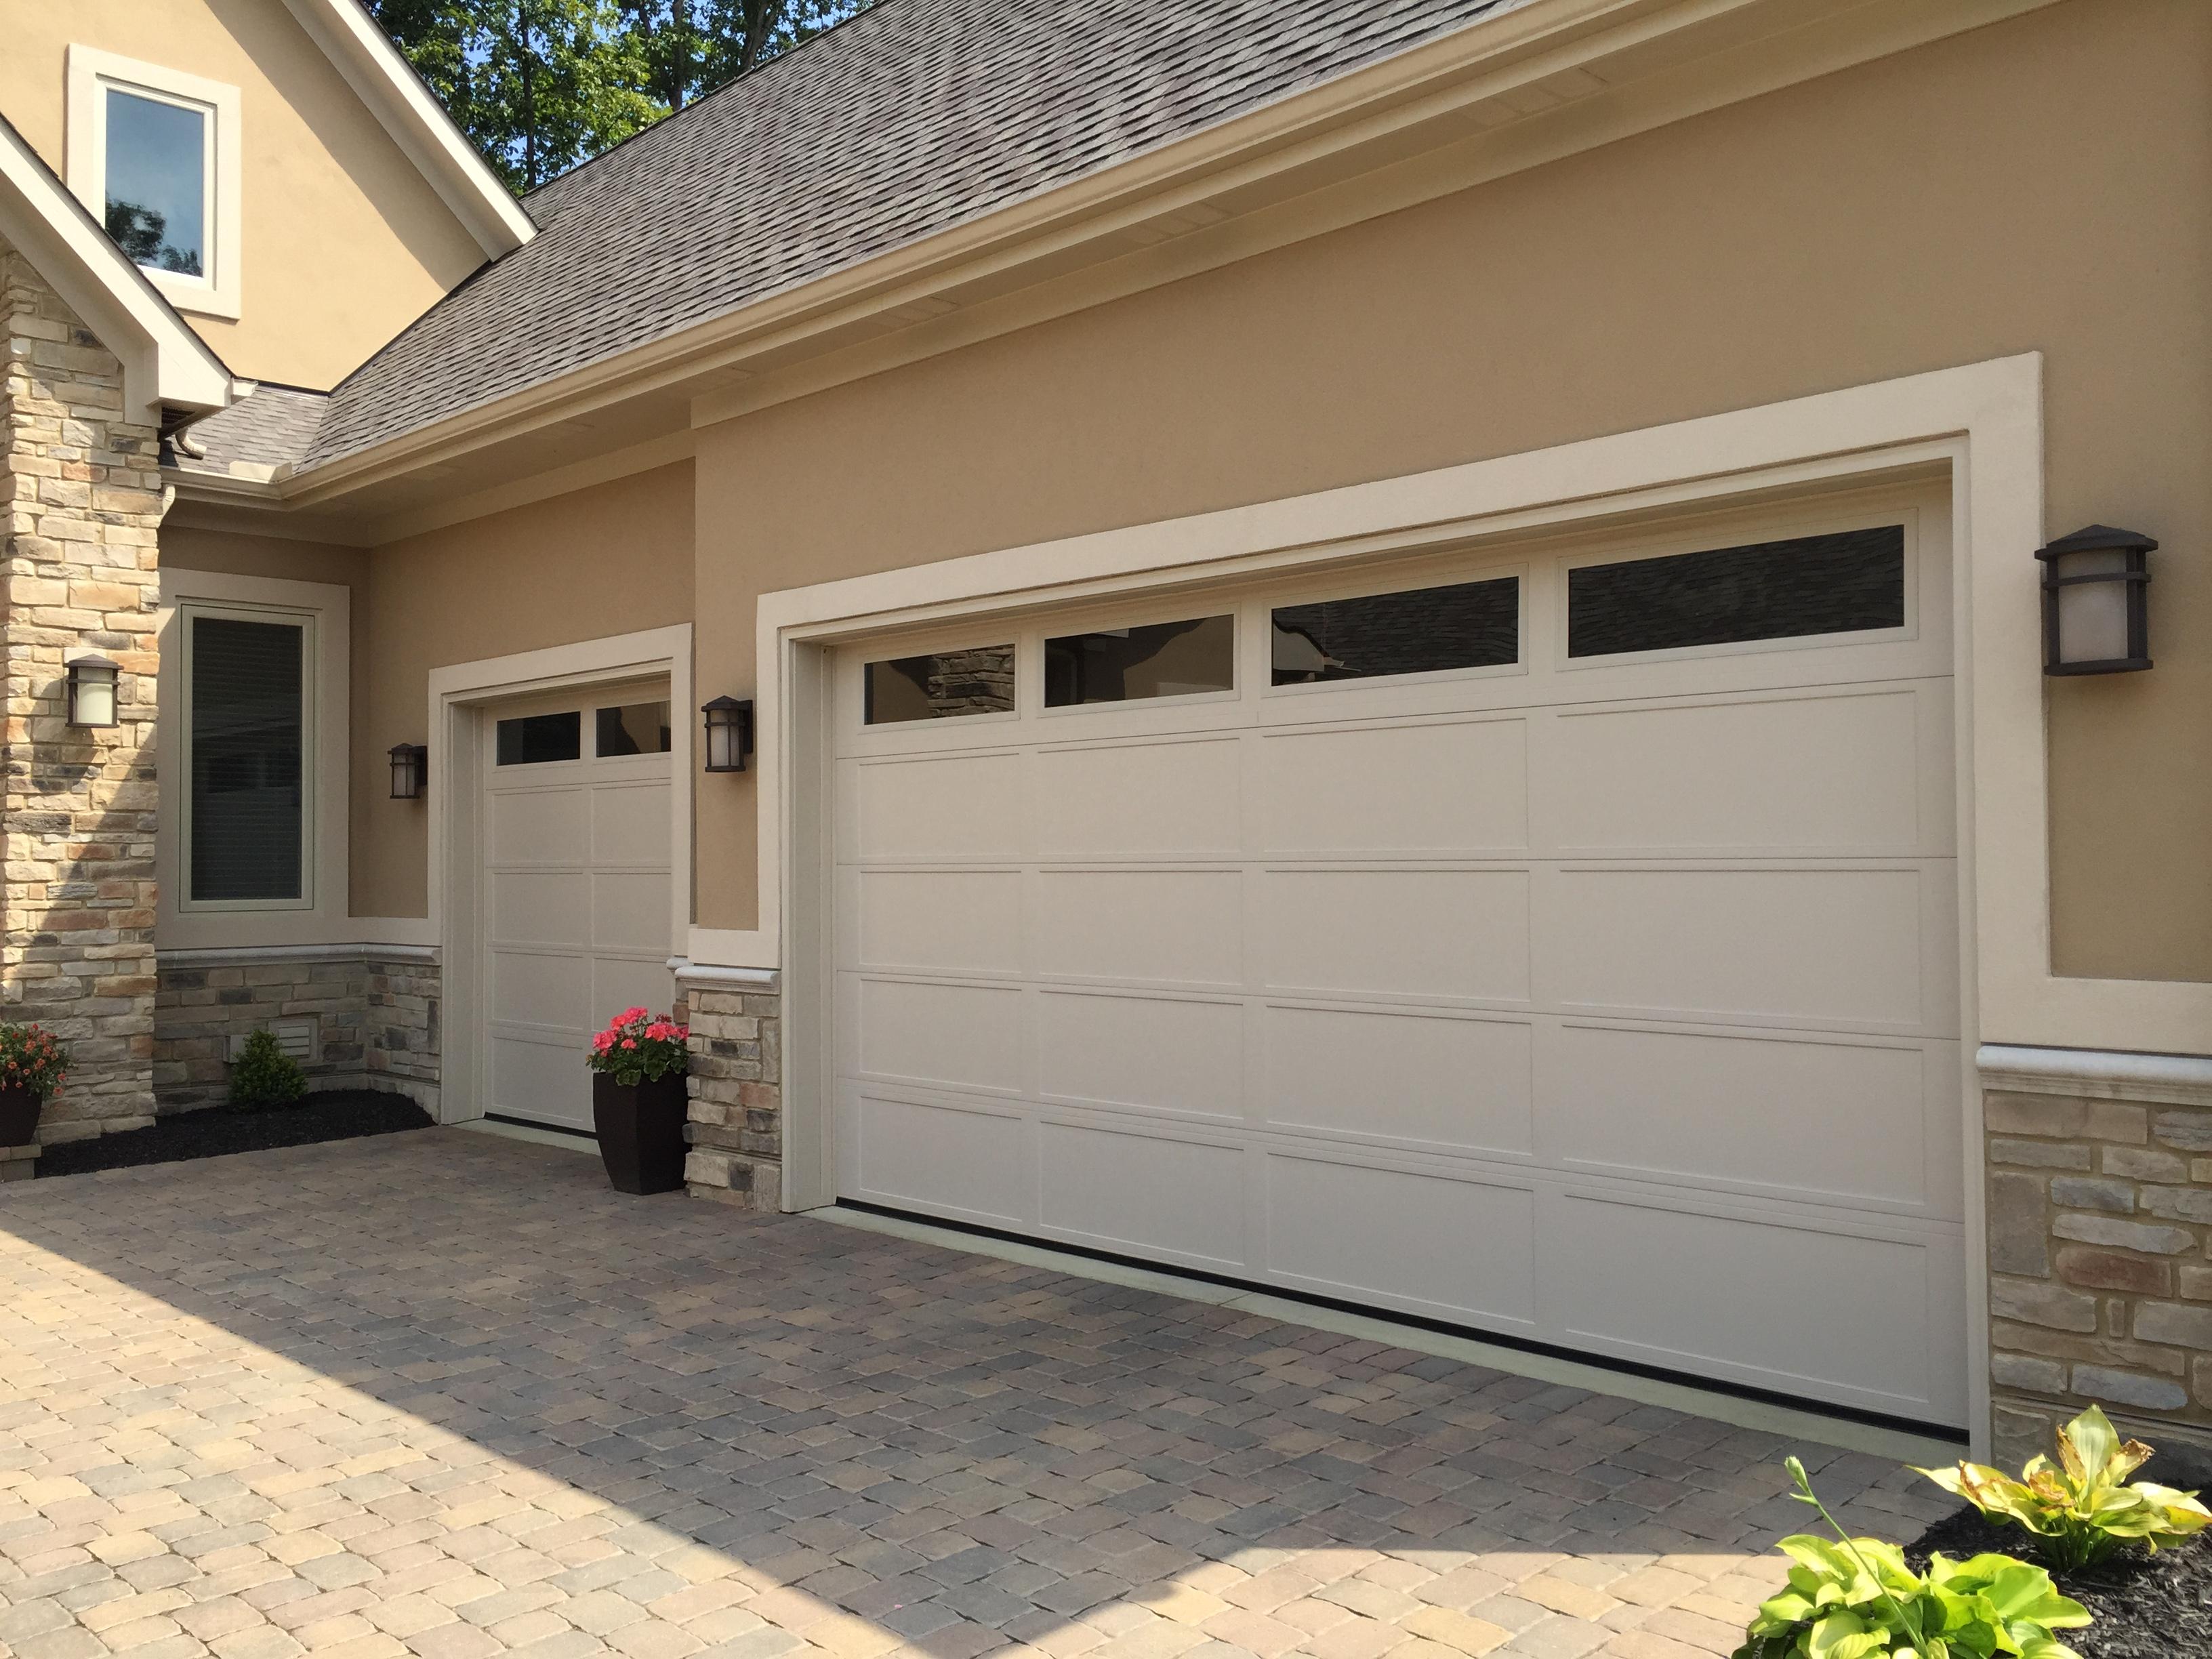 Gallery of Garage Doors  Nofziger Doors 614 8733905